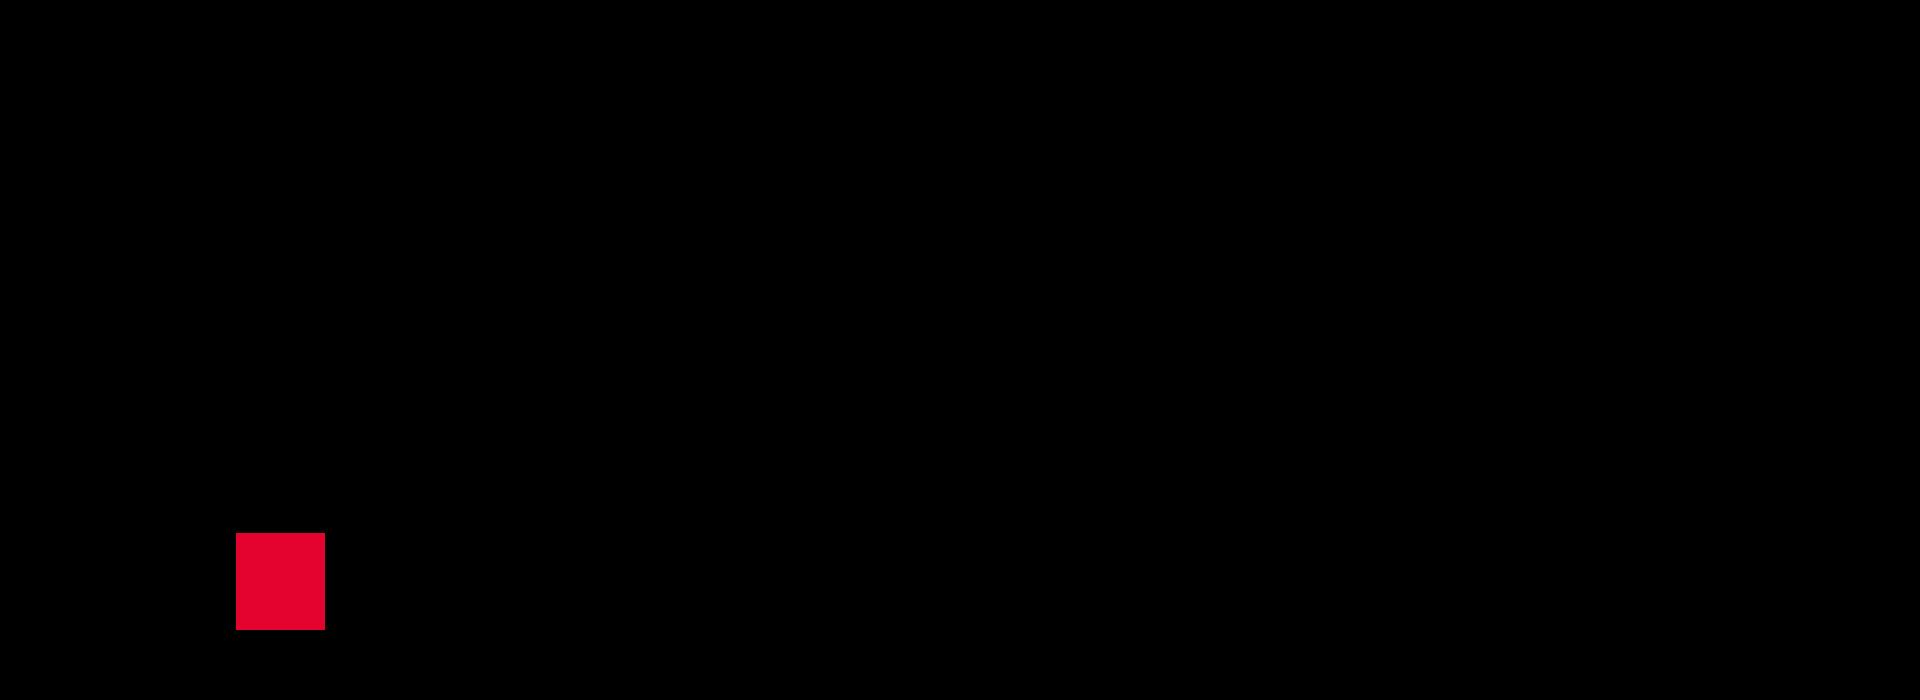 rsgp-slider-v4-02.png